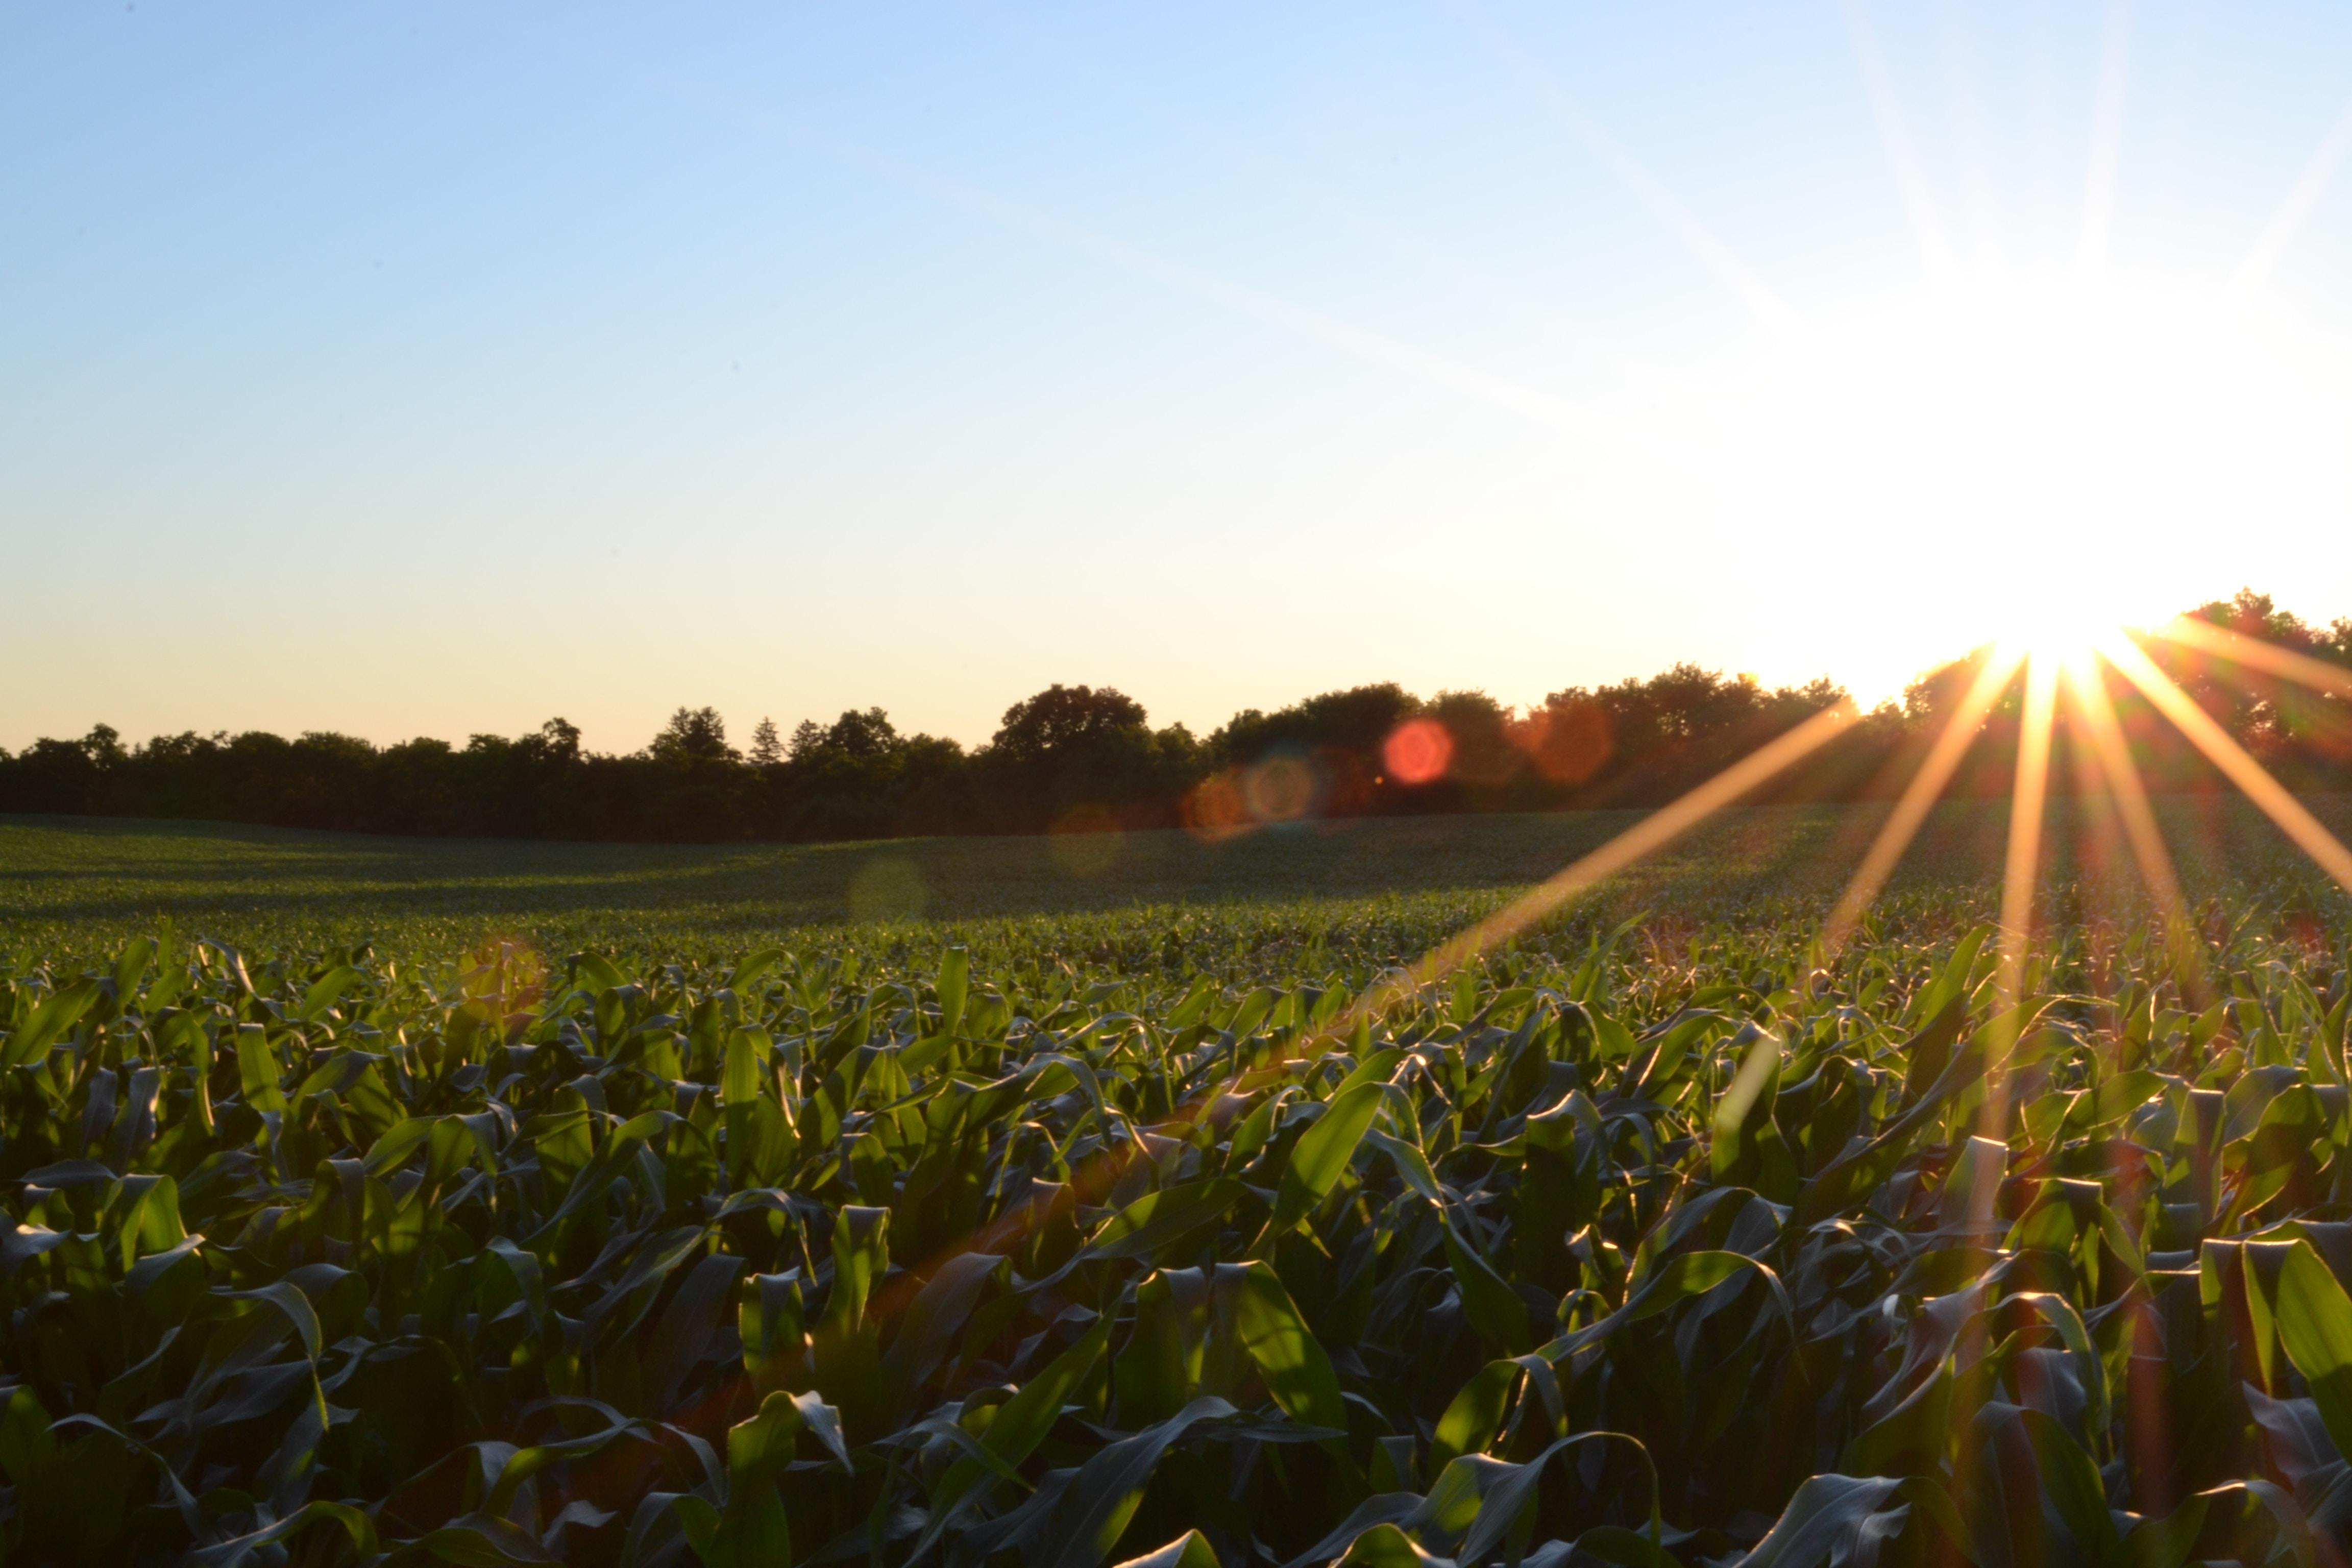 A farm field during sunrise